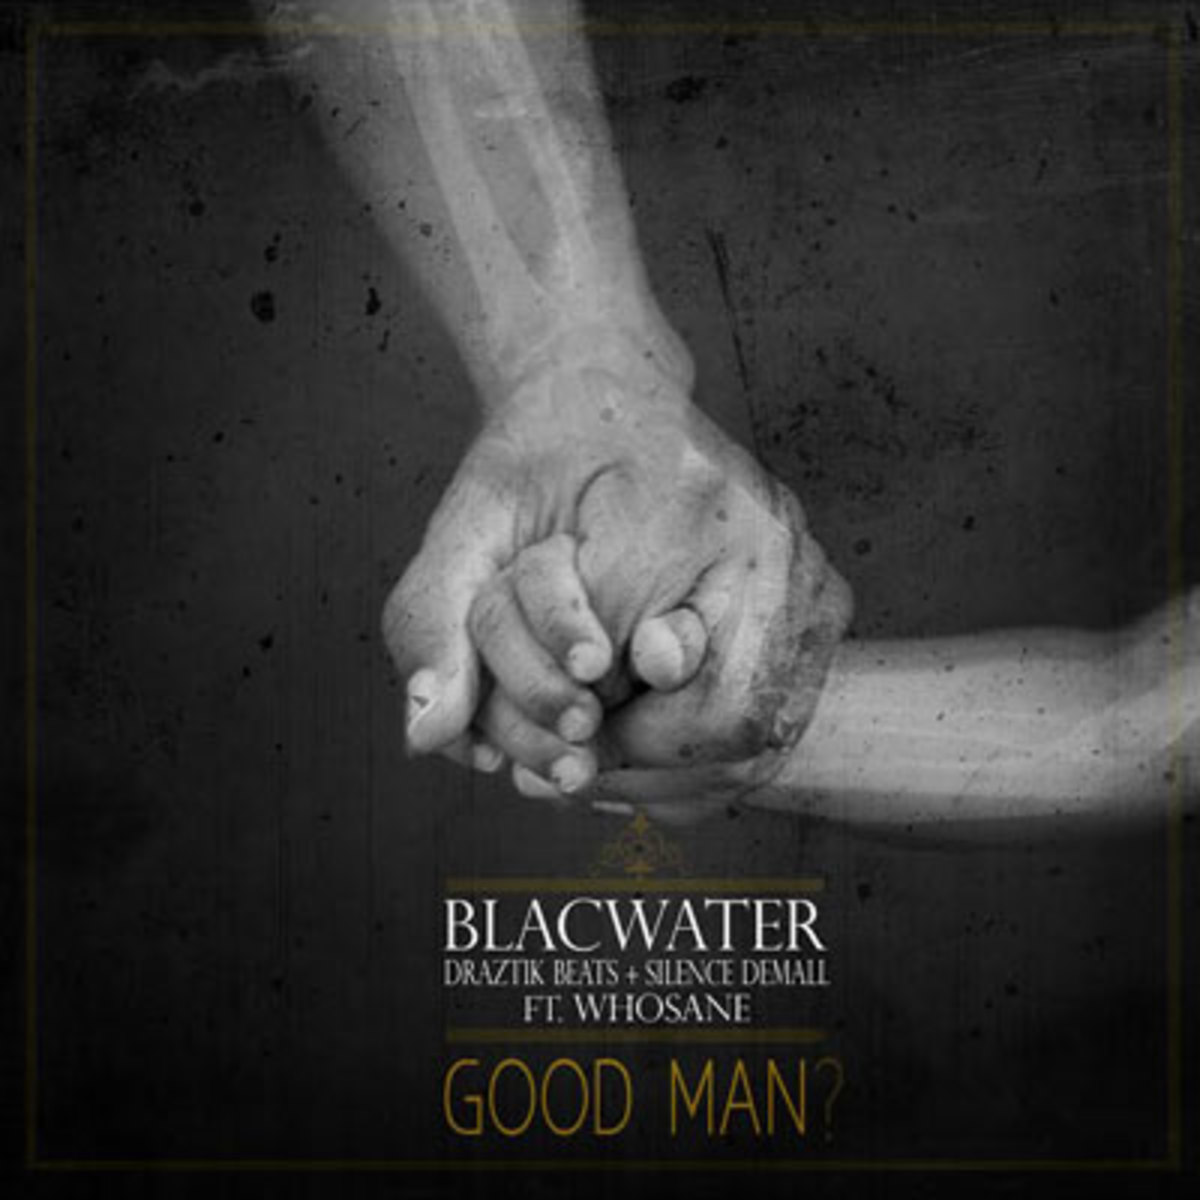 blacwater-goodman.jpg